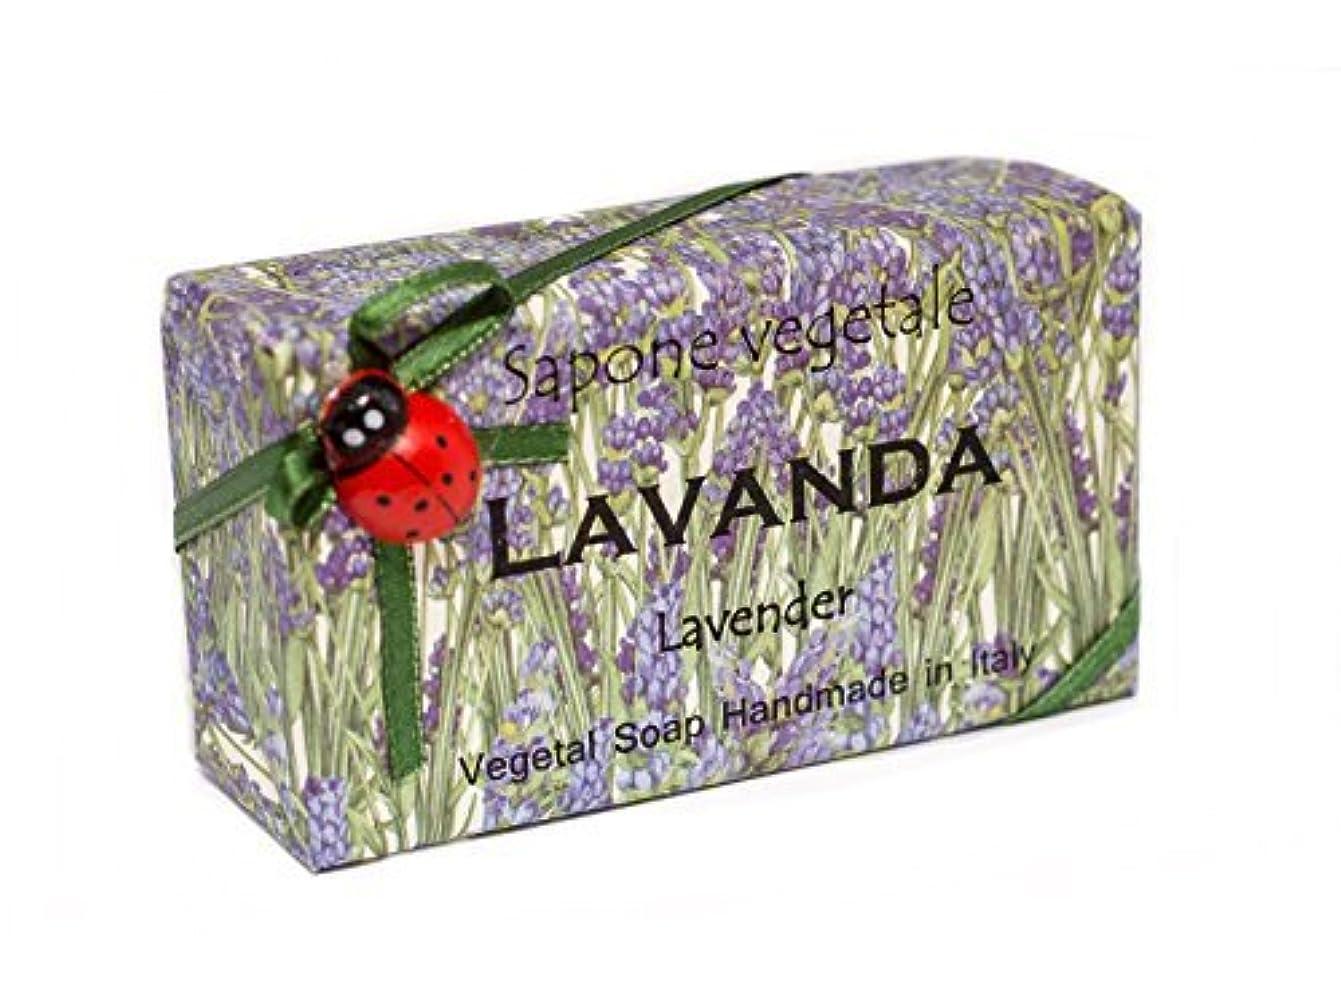 買い物に行くポーク窒息させるAlchimia 高級ギフトボックス付きイタリアからLavenda、野菜手作り石鹸バー、 [並行輸入品]